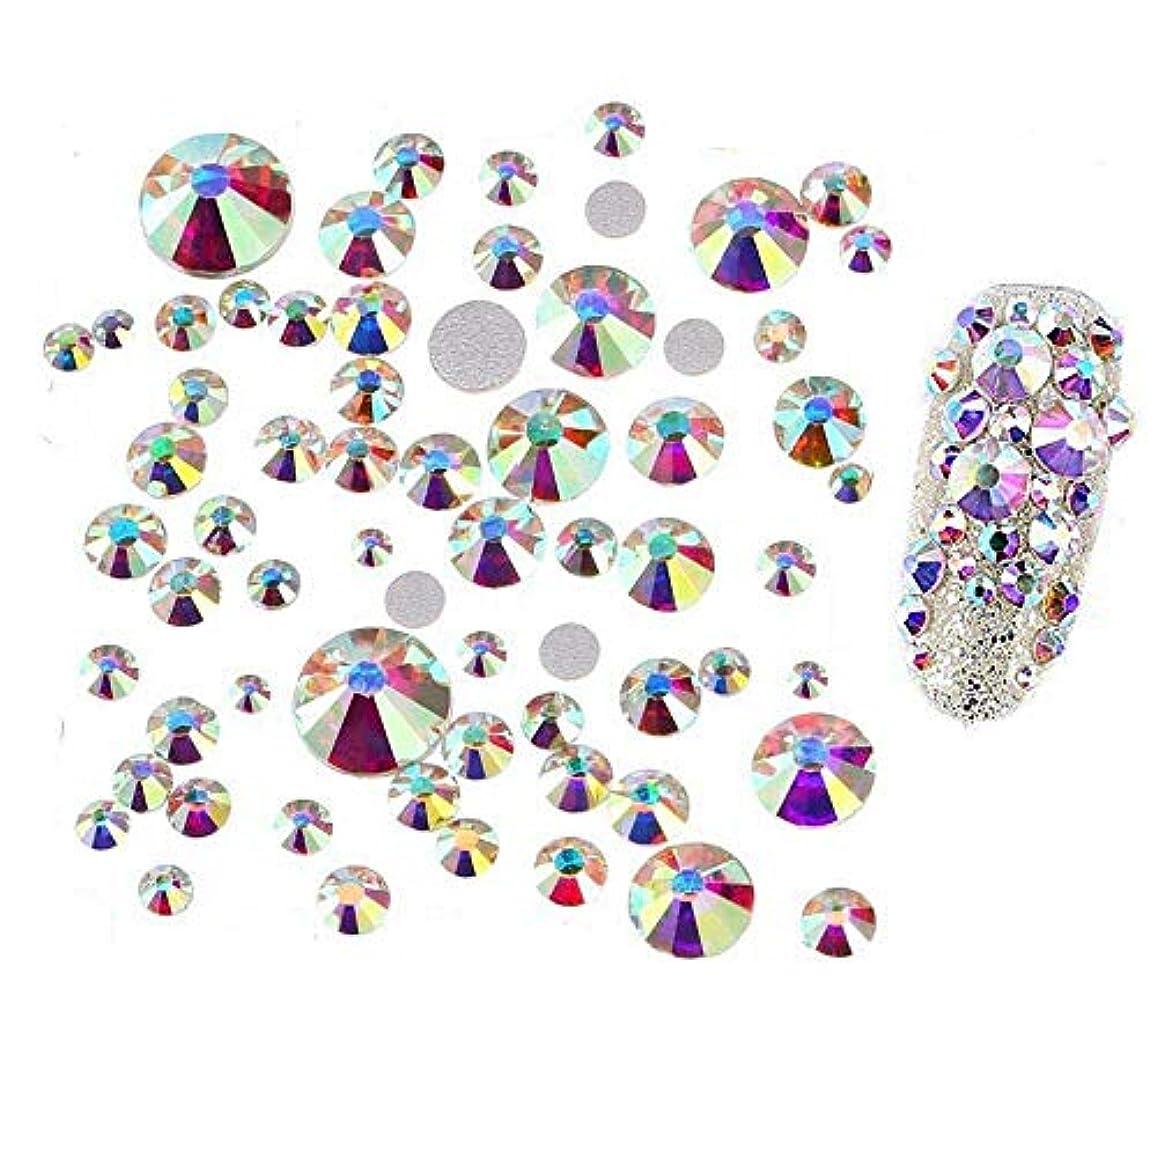 スクラブ拒絶縫う高品質 ガラスストーン オーロラ クリスタル,ラインストーン ネイル デコ ガラスストーン クリスタル ジェルネイル ネイルパーツ (約200粒)